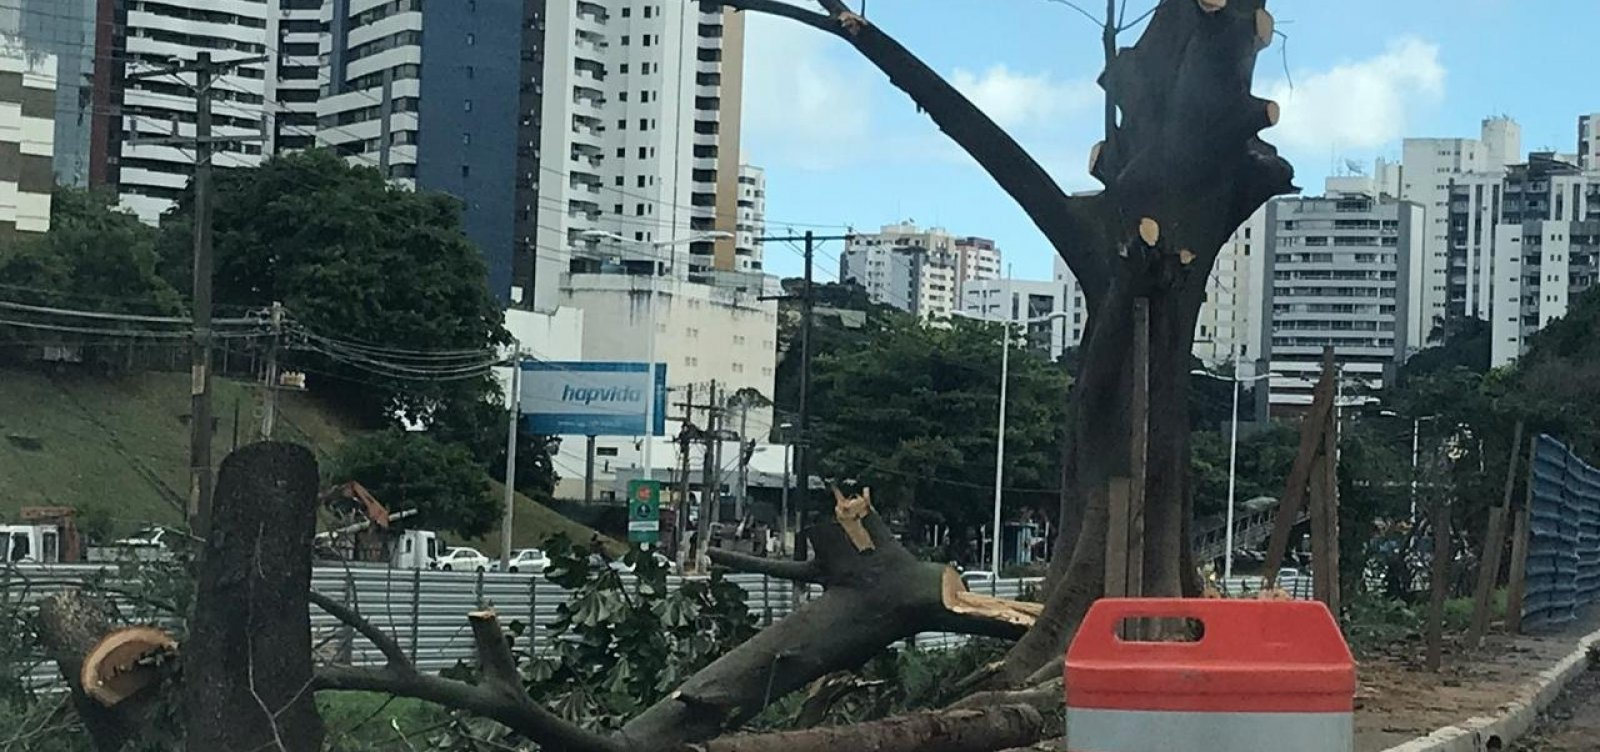 [Derrubada de árvores avança em obras do BRT na Avenida ACM]